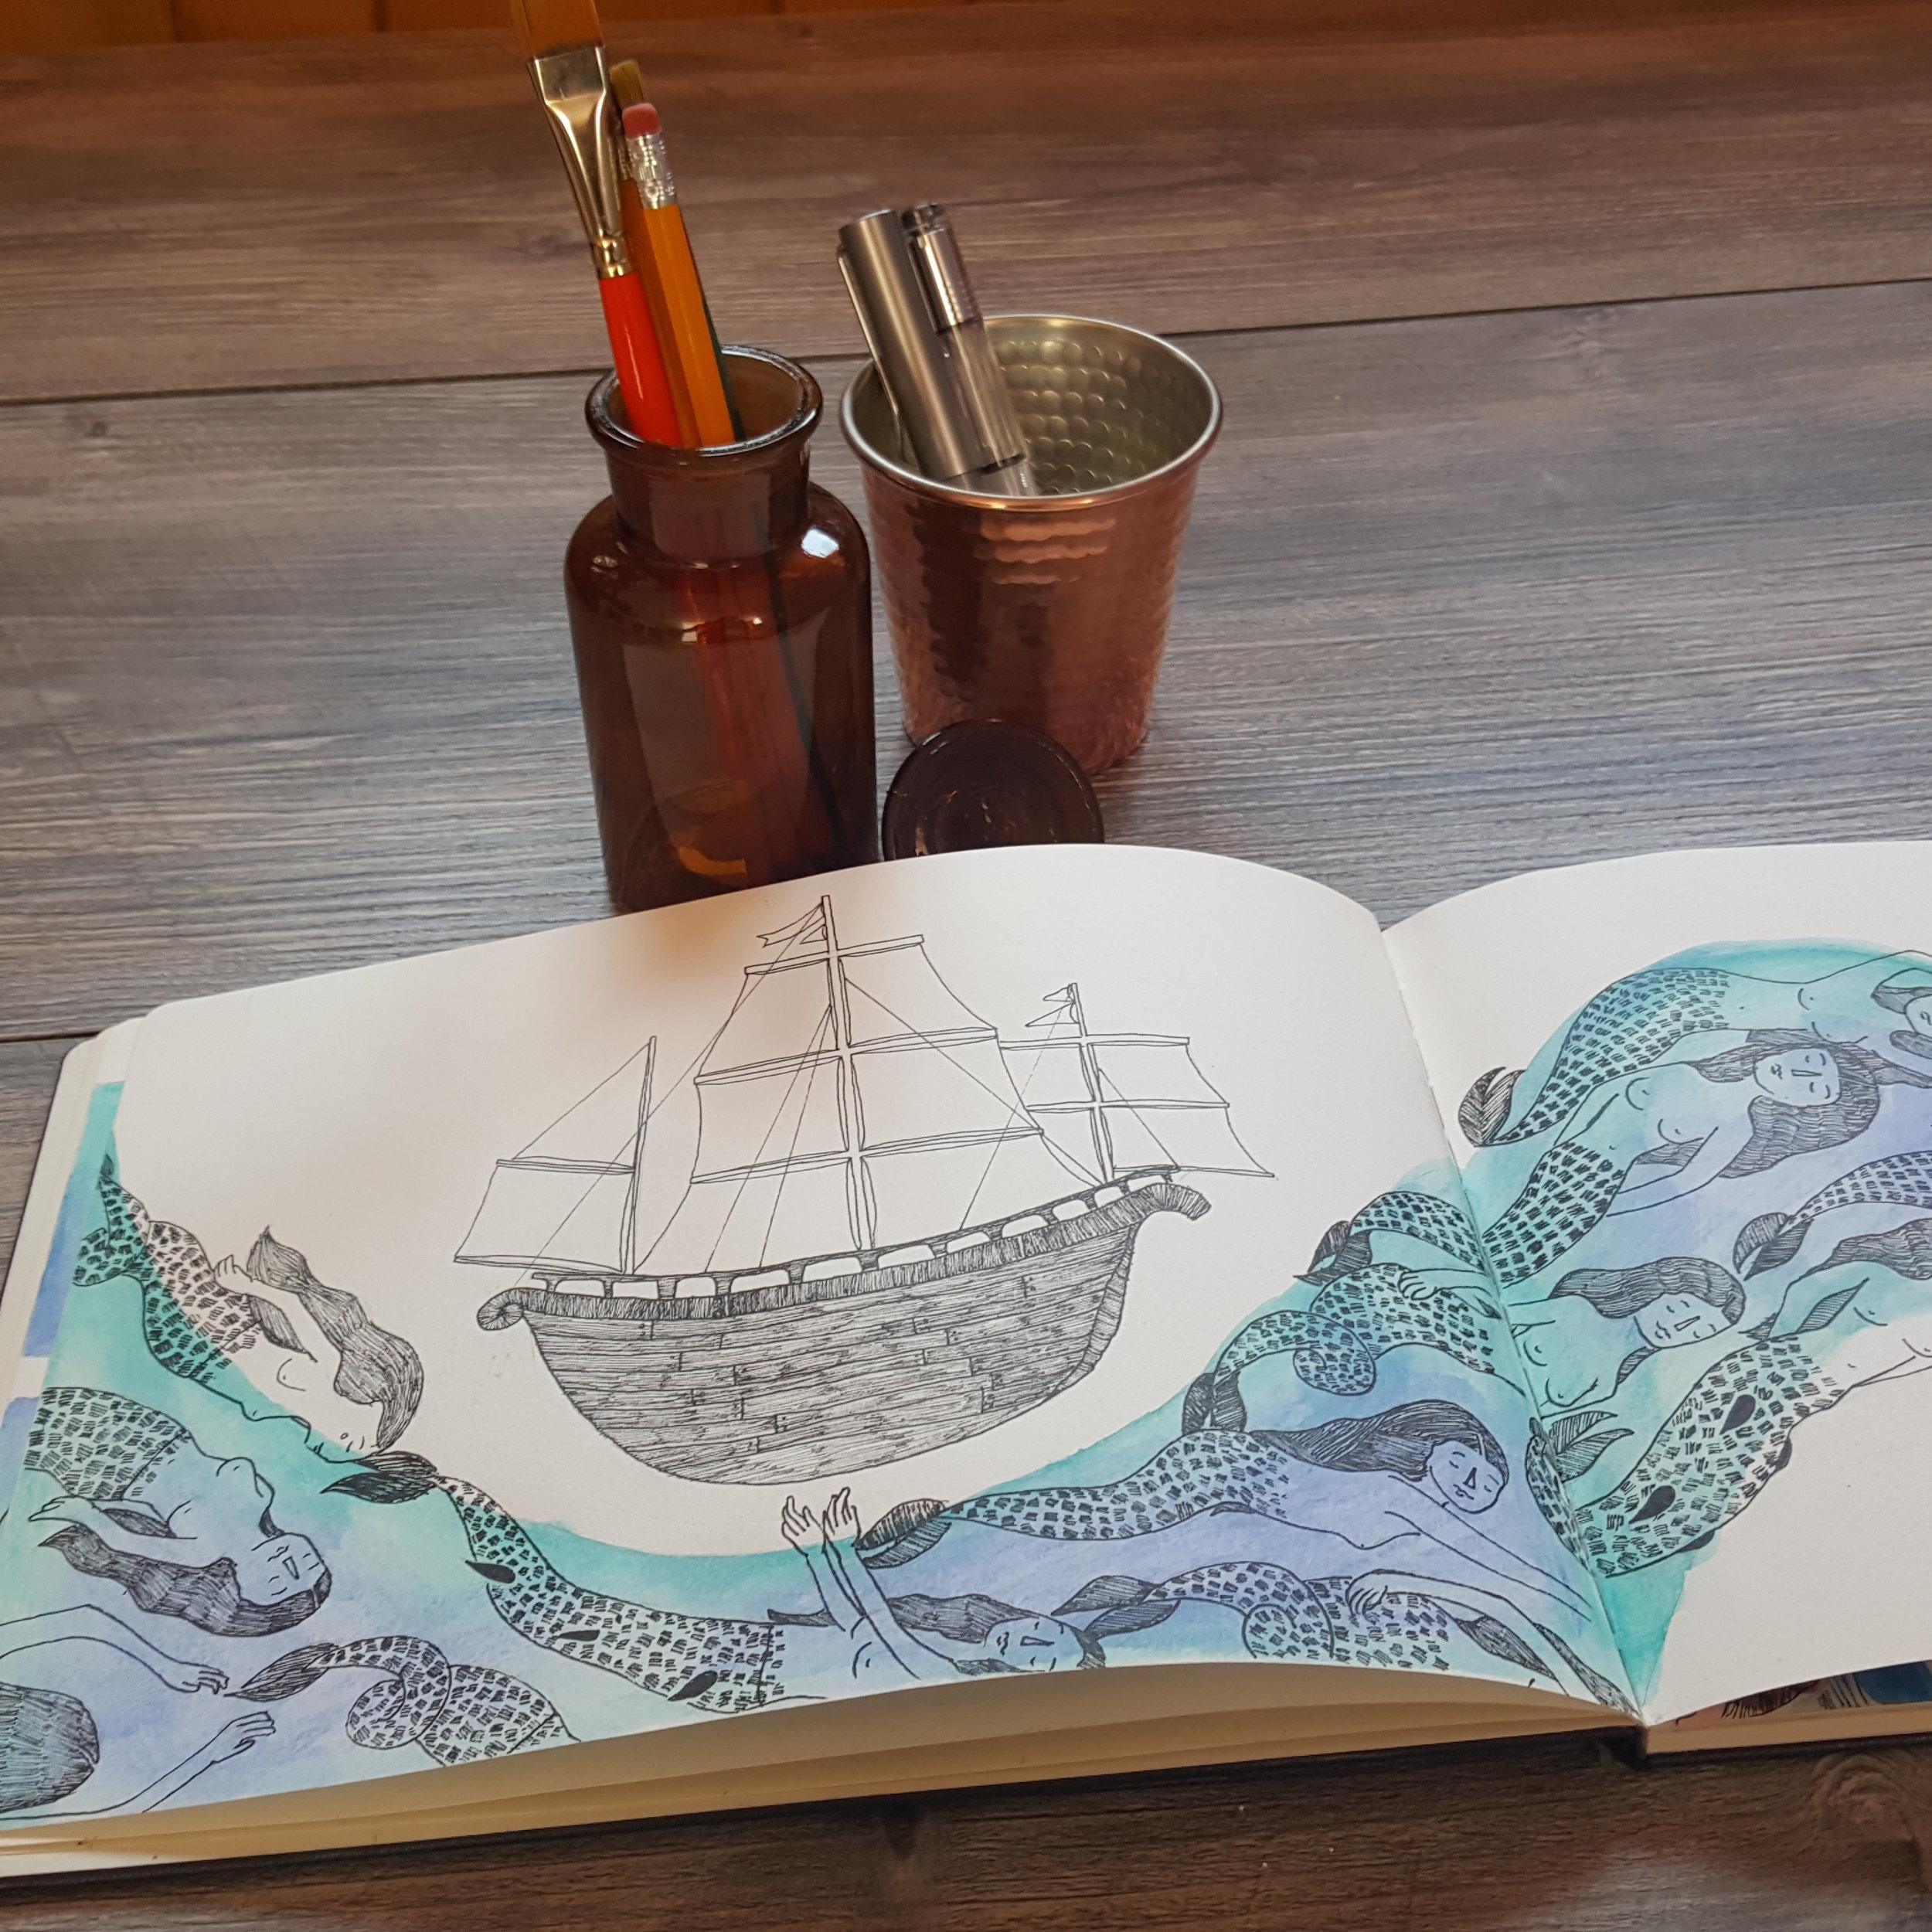 Watercolor and pen technique